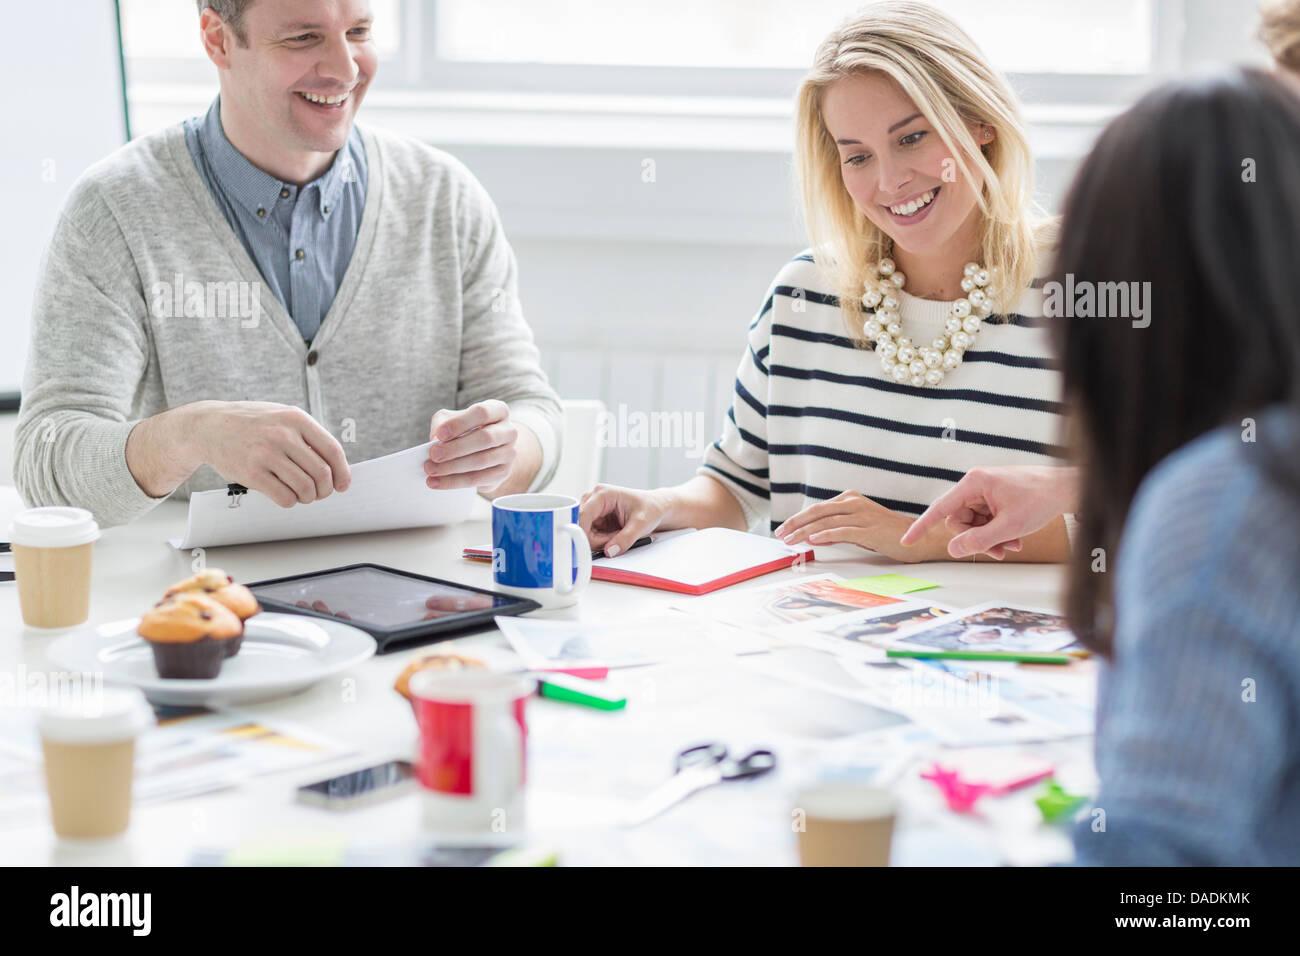 L'équipe créative de discuter de projets en réunion de bureau Photo Stock